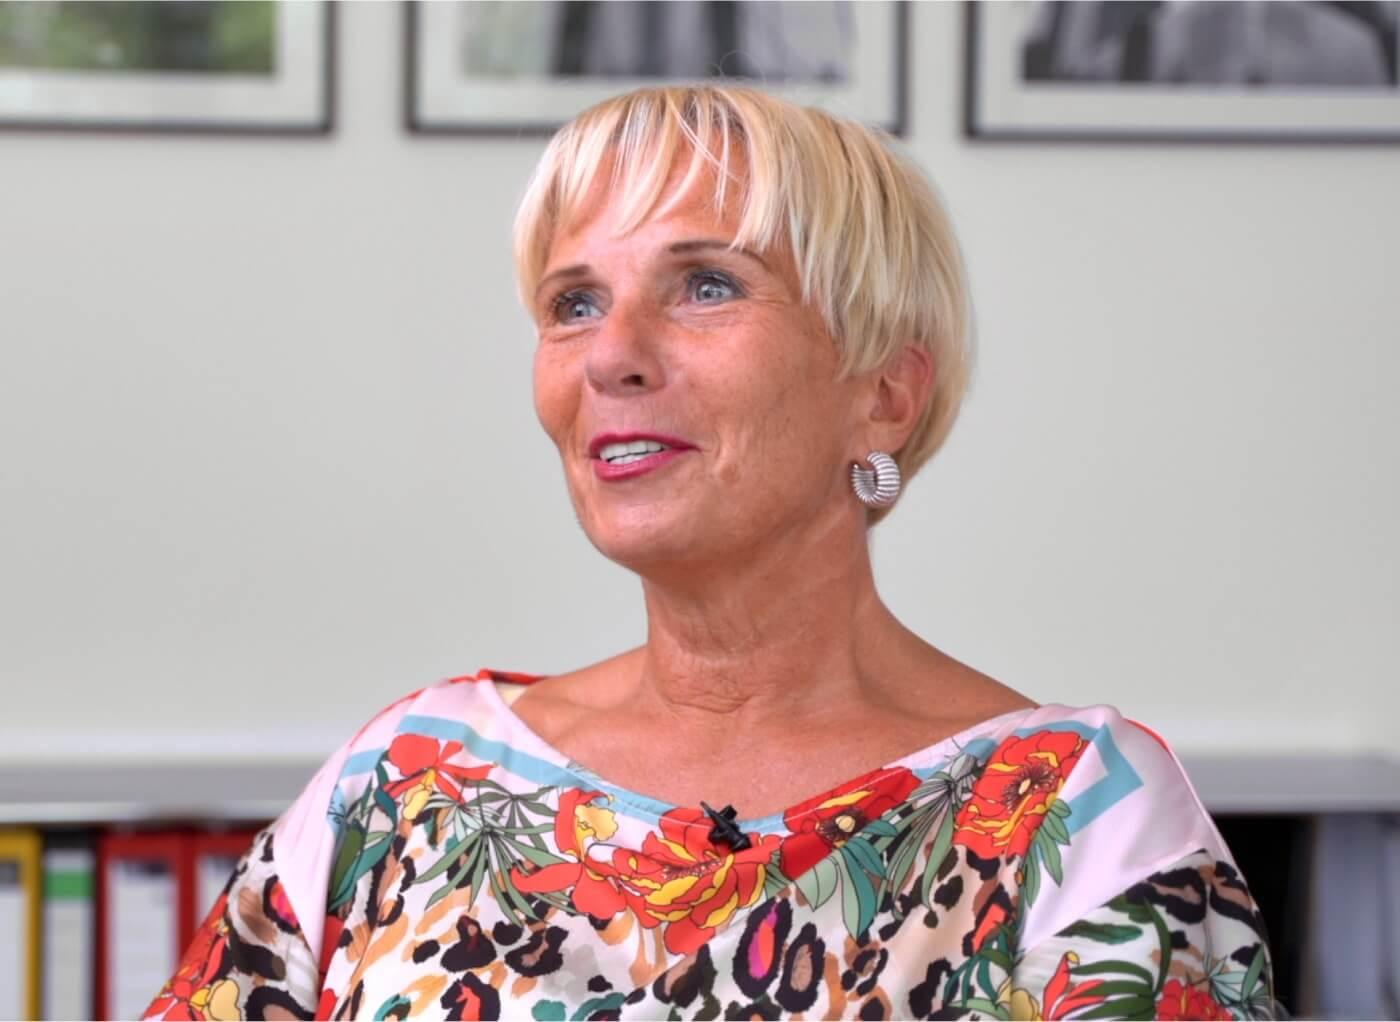 Astrid Klöcker